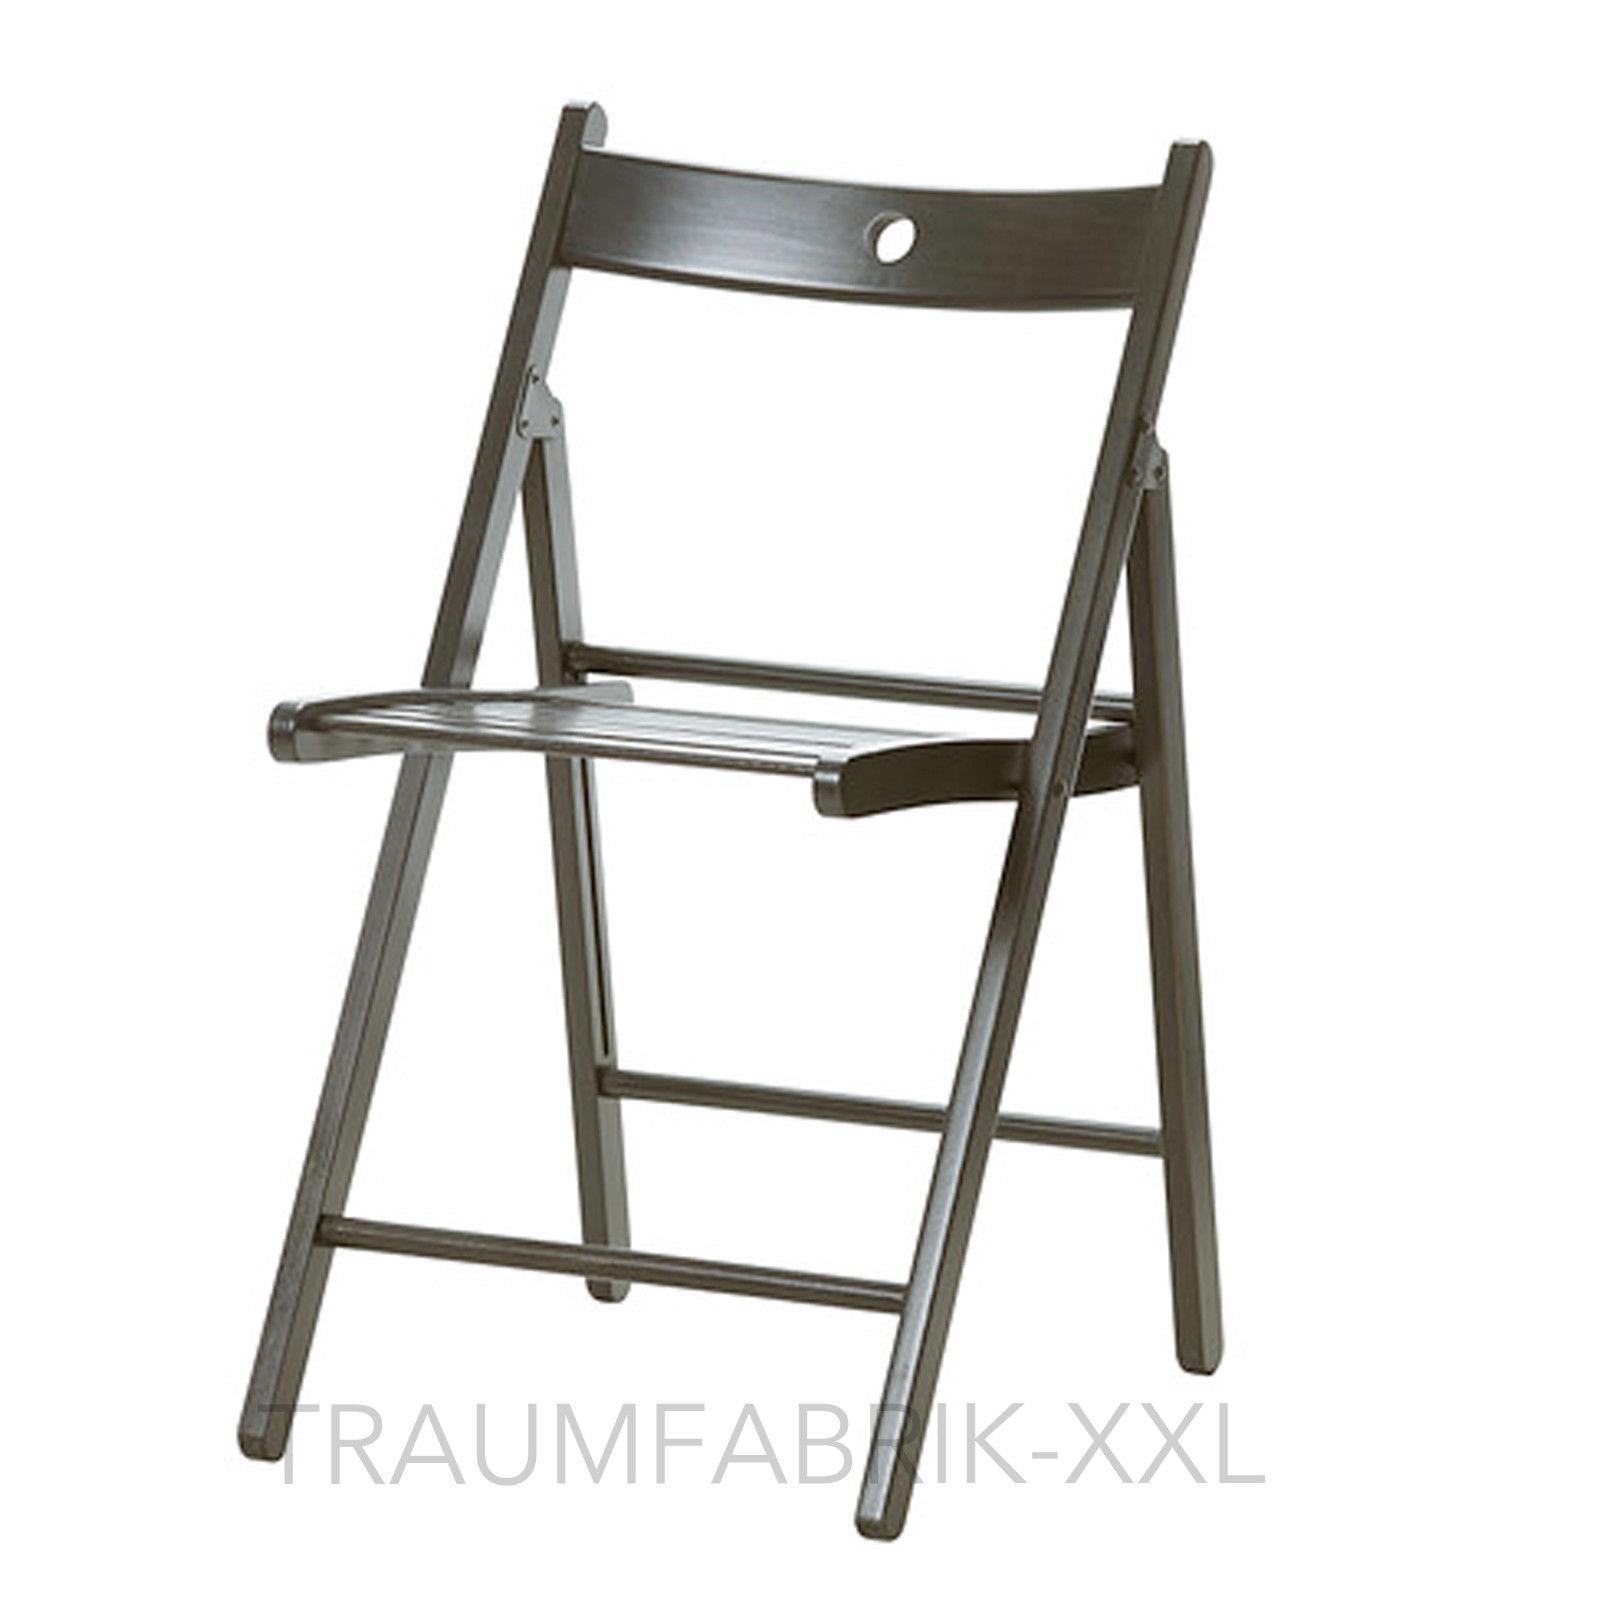 Klappstuhl design  IKEA TERJE Klappstuhl schwarz Massivholz Holzstuhl Design Stuhl ...